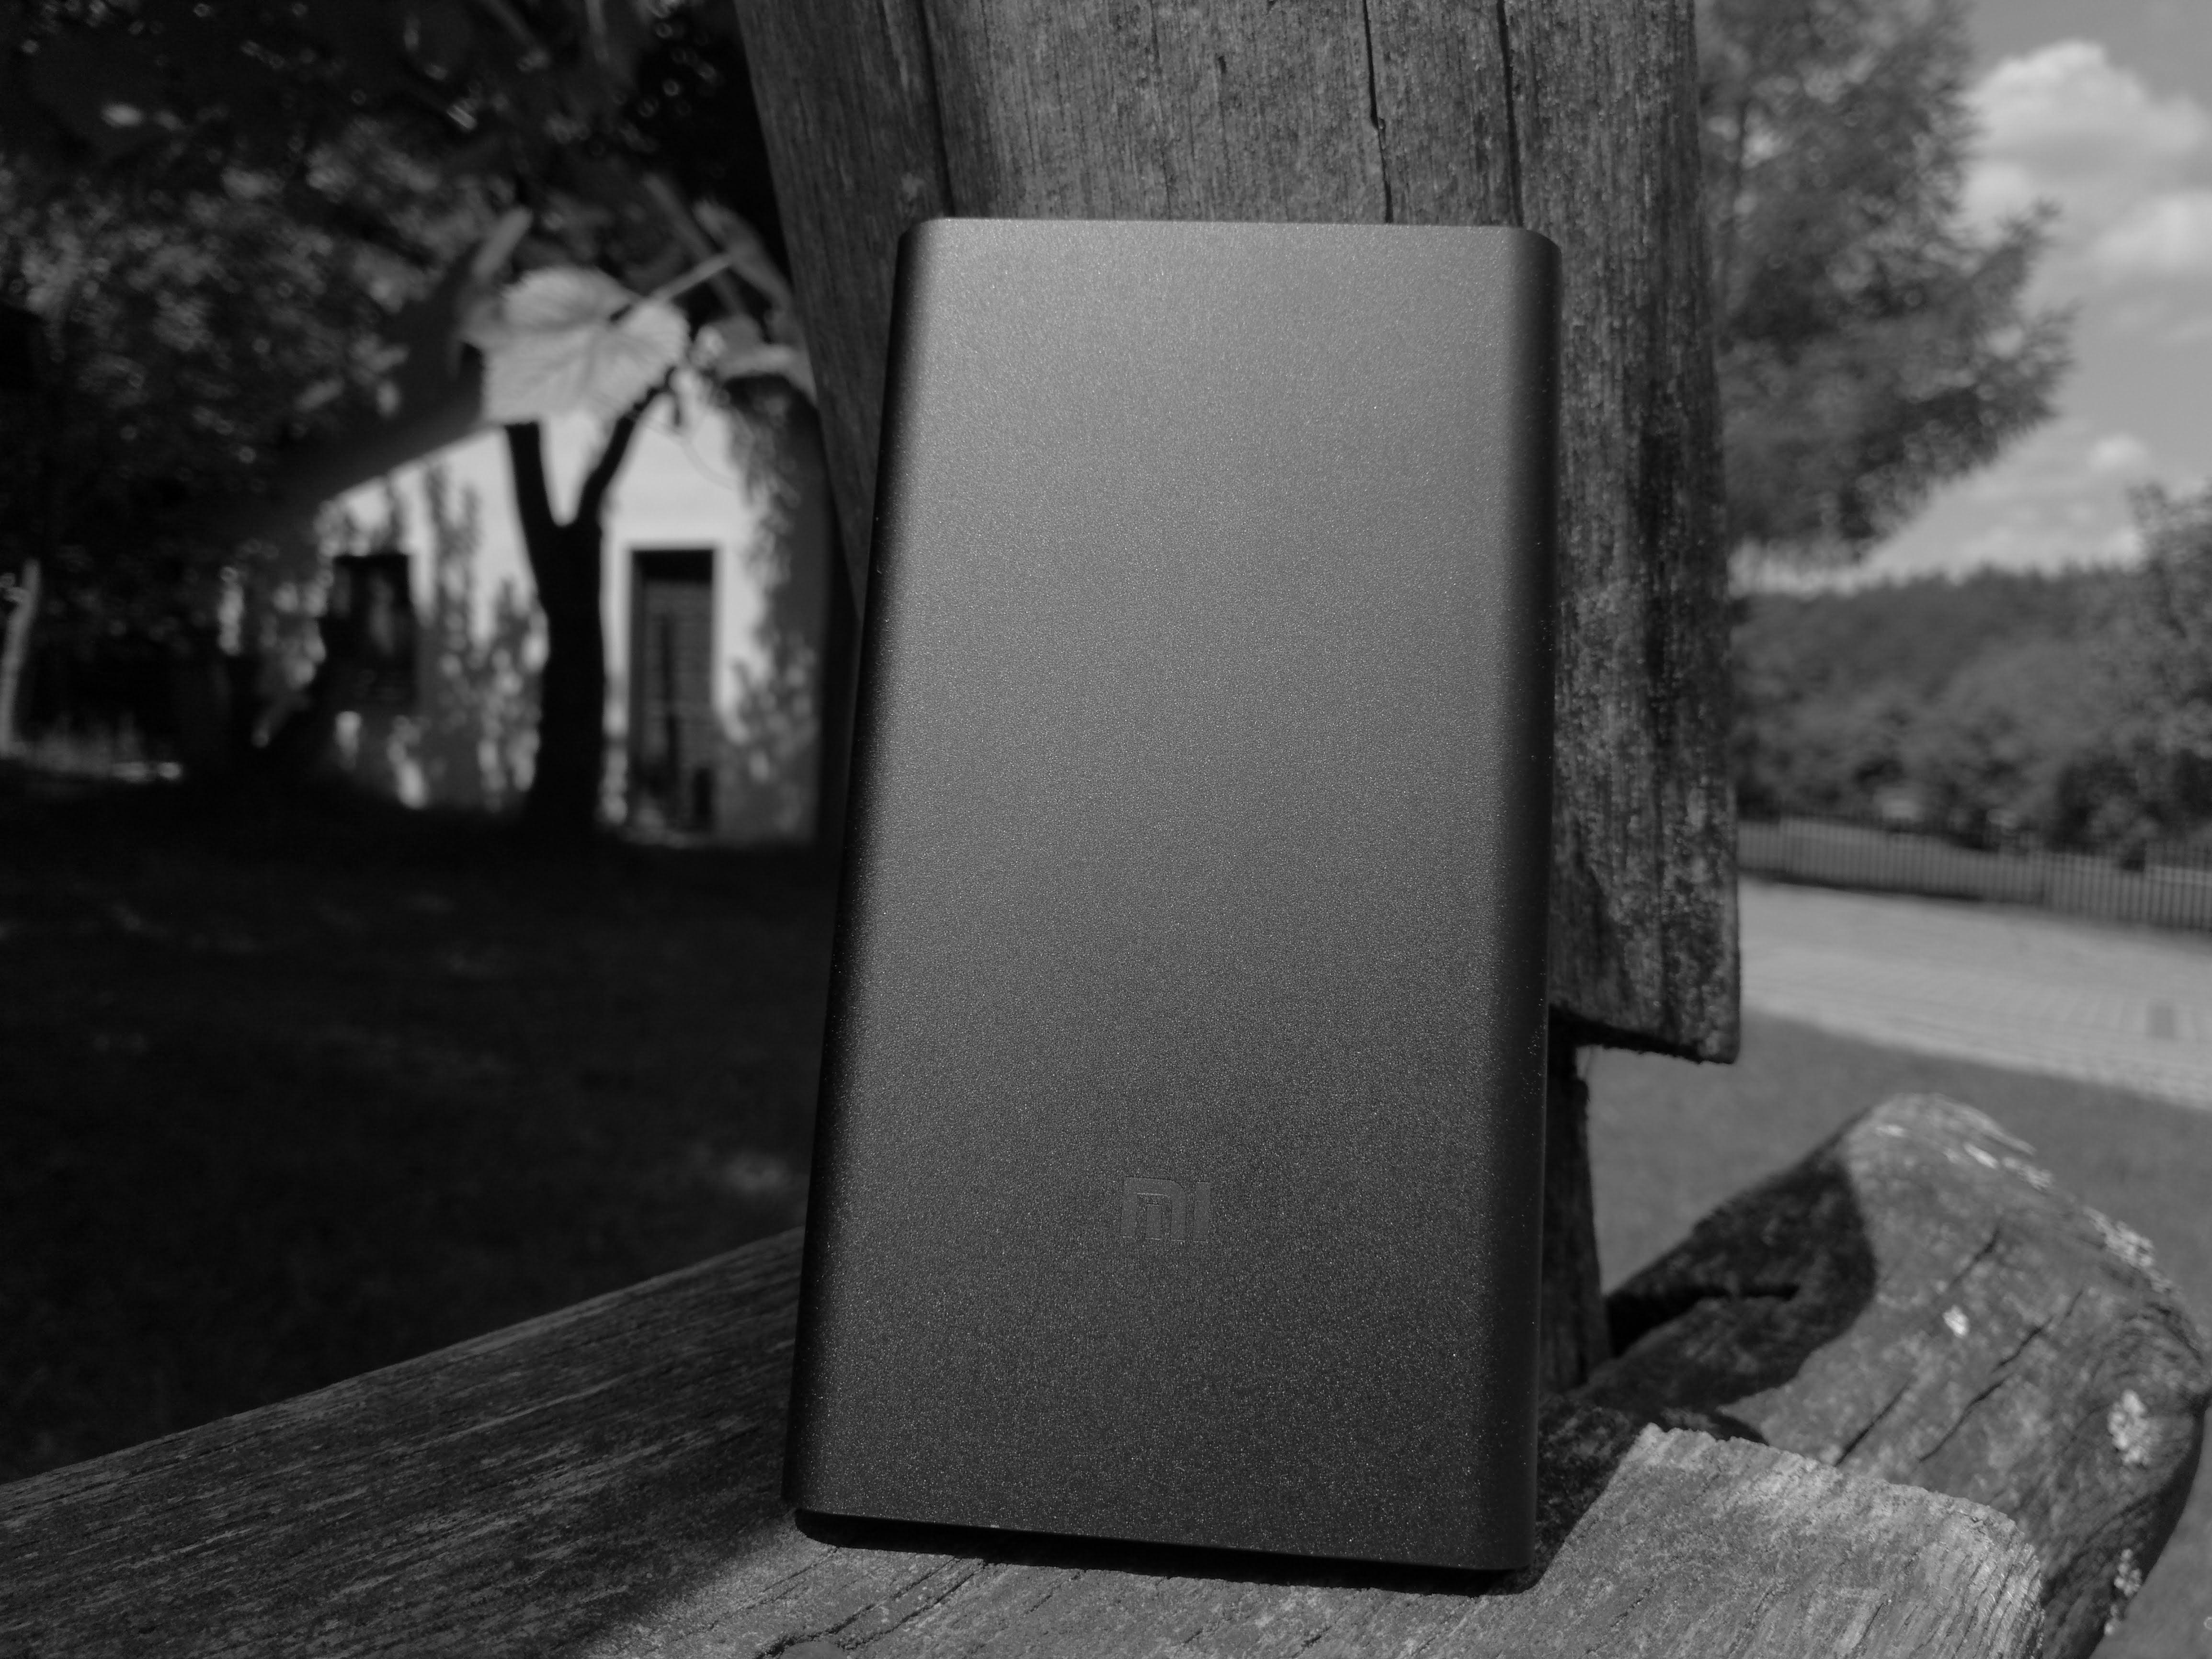 Dzisiaj kiedy baterie to największe bolączki nowoczesnych smartfon³w należy się wyposażyć w jakiś powerbank Na rynku znajdziemy ich wiele